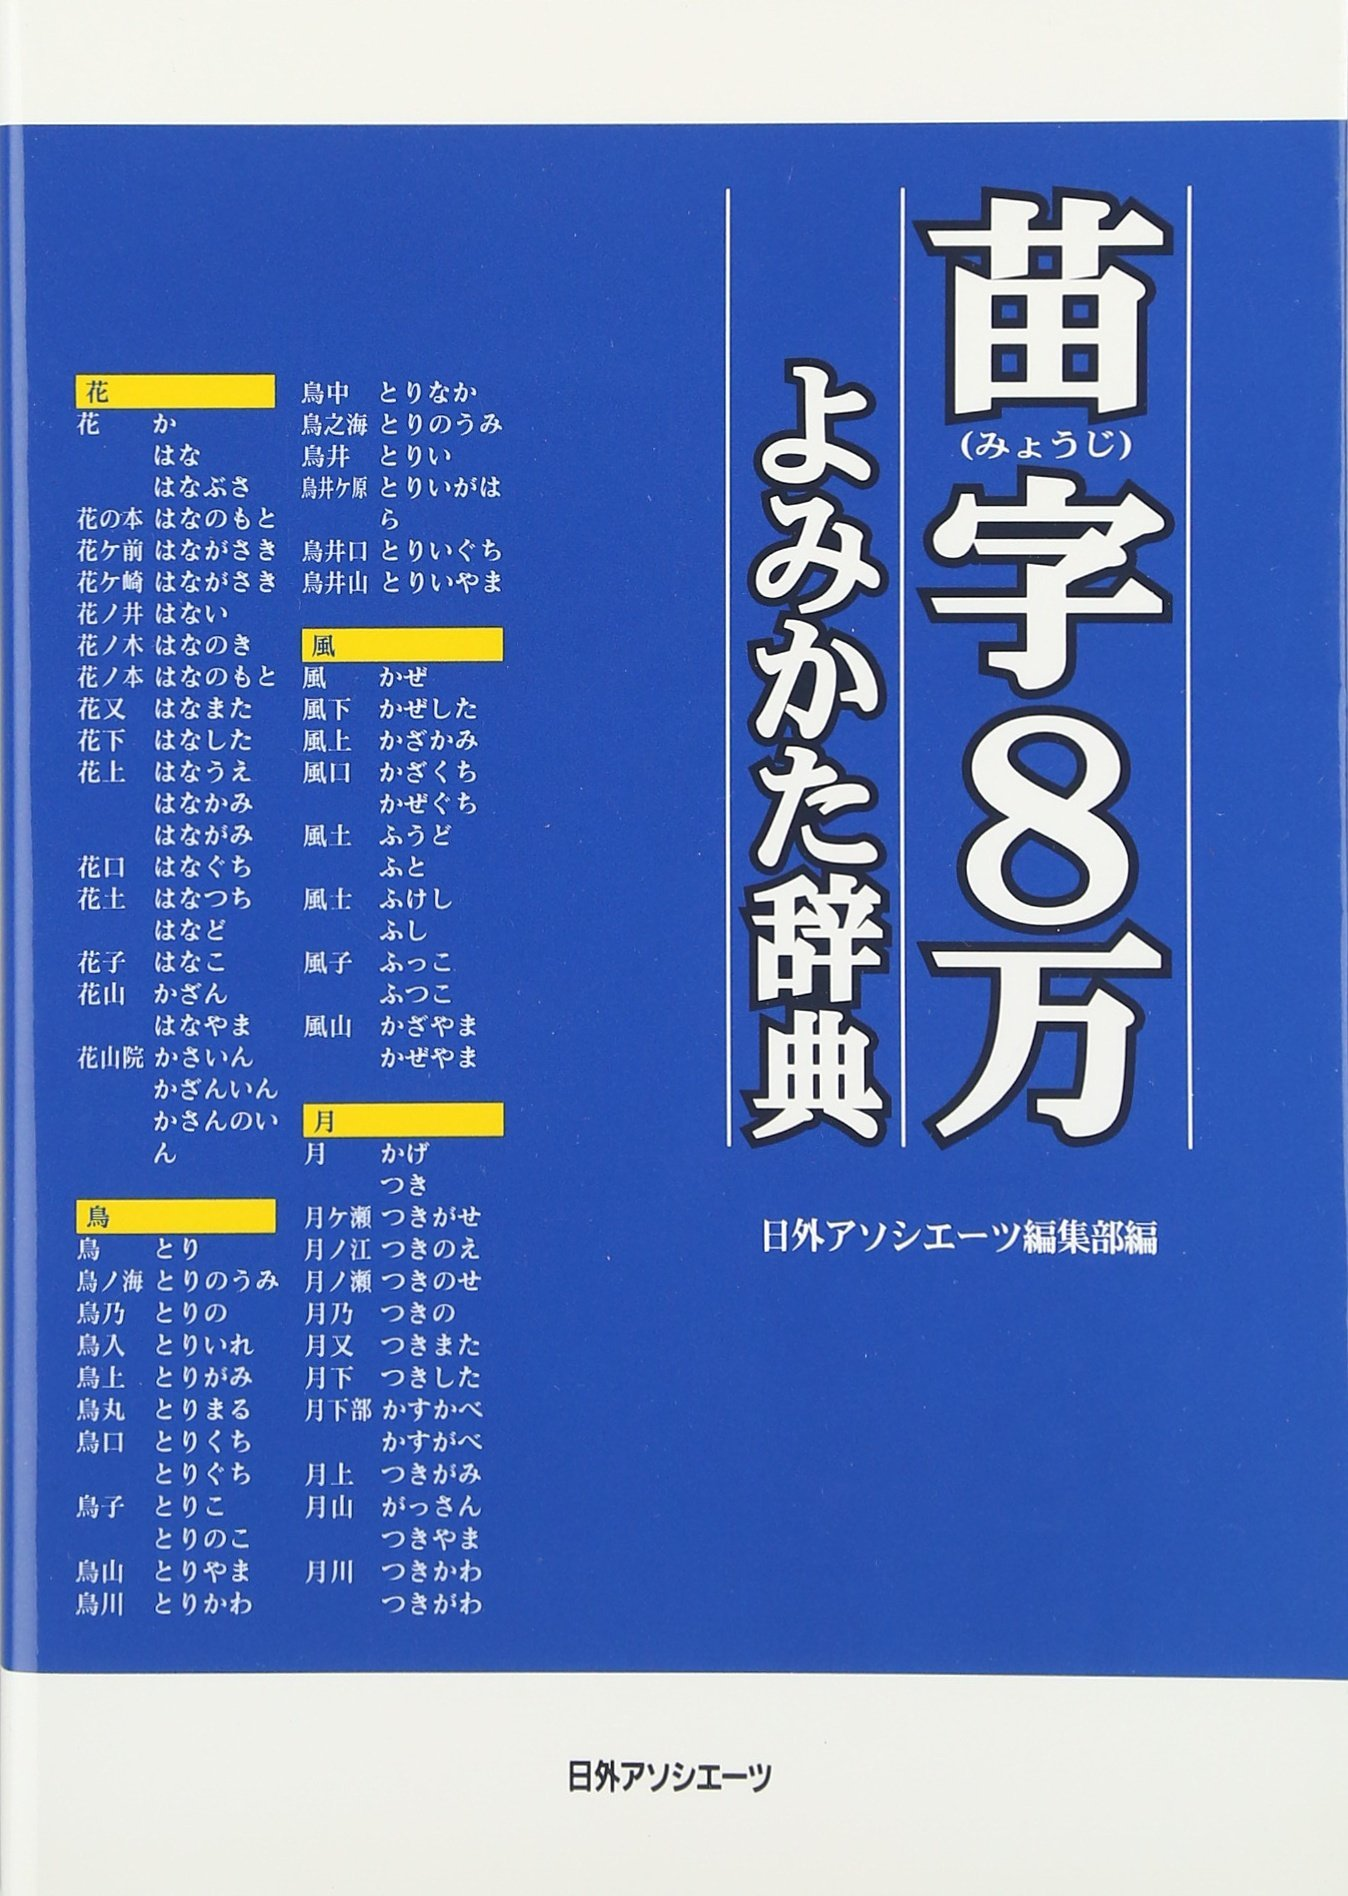 苗字8万よみかた辞典 | 日外アソ...